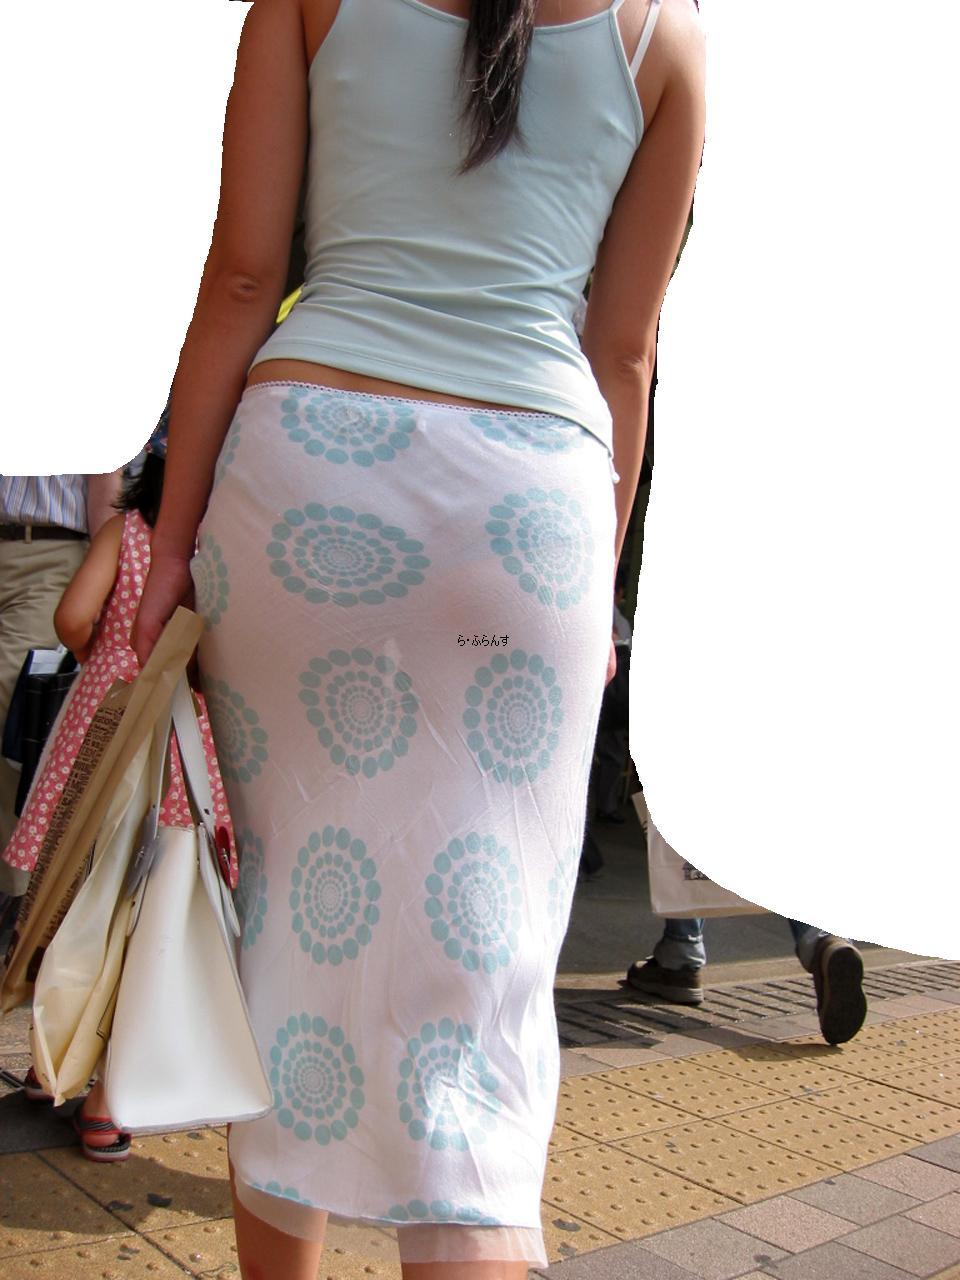 これだけ透けてれば履いてないも同然のシロウト透け透けパンツ丸見え写真(20枚)